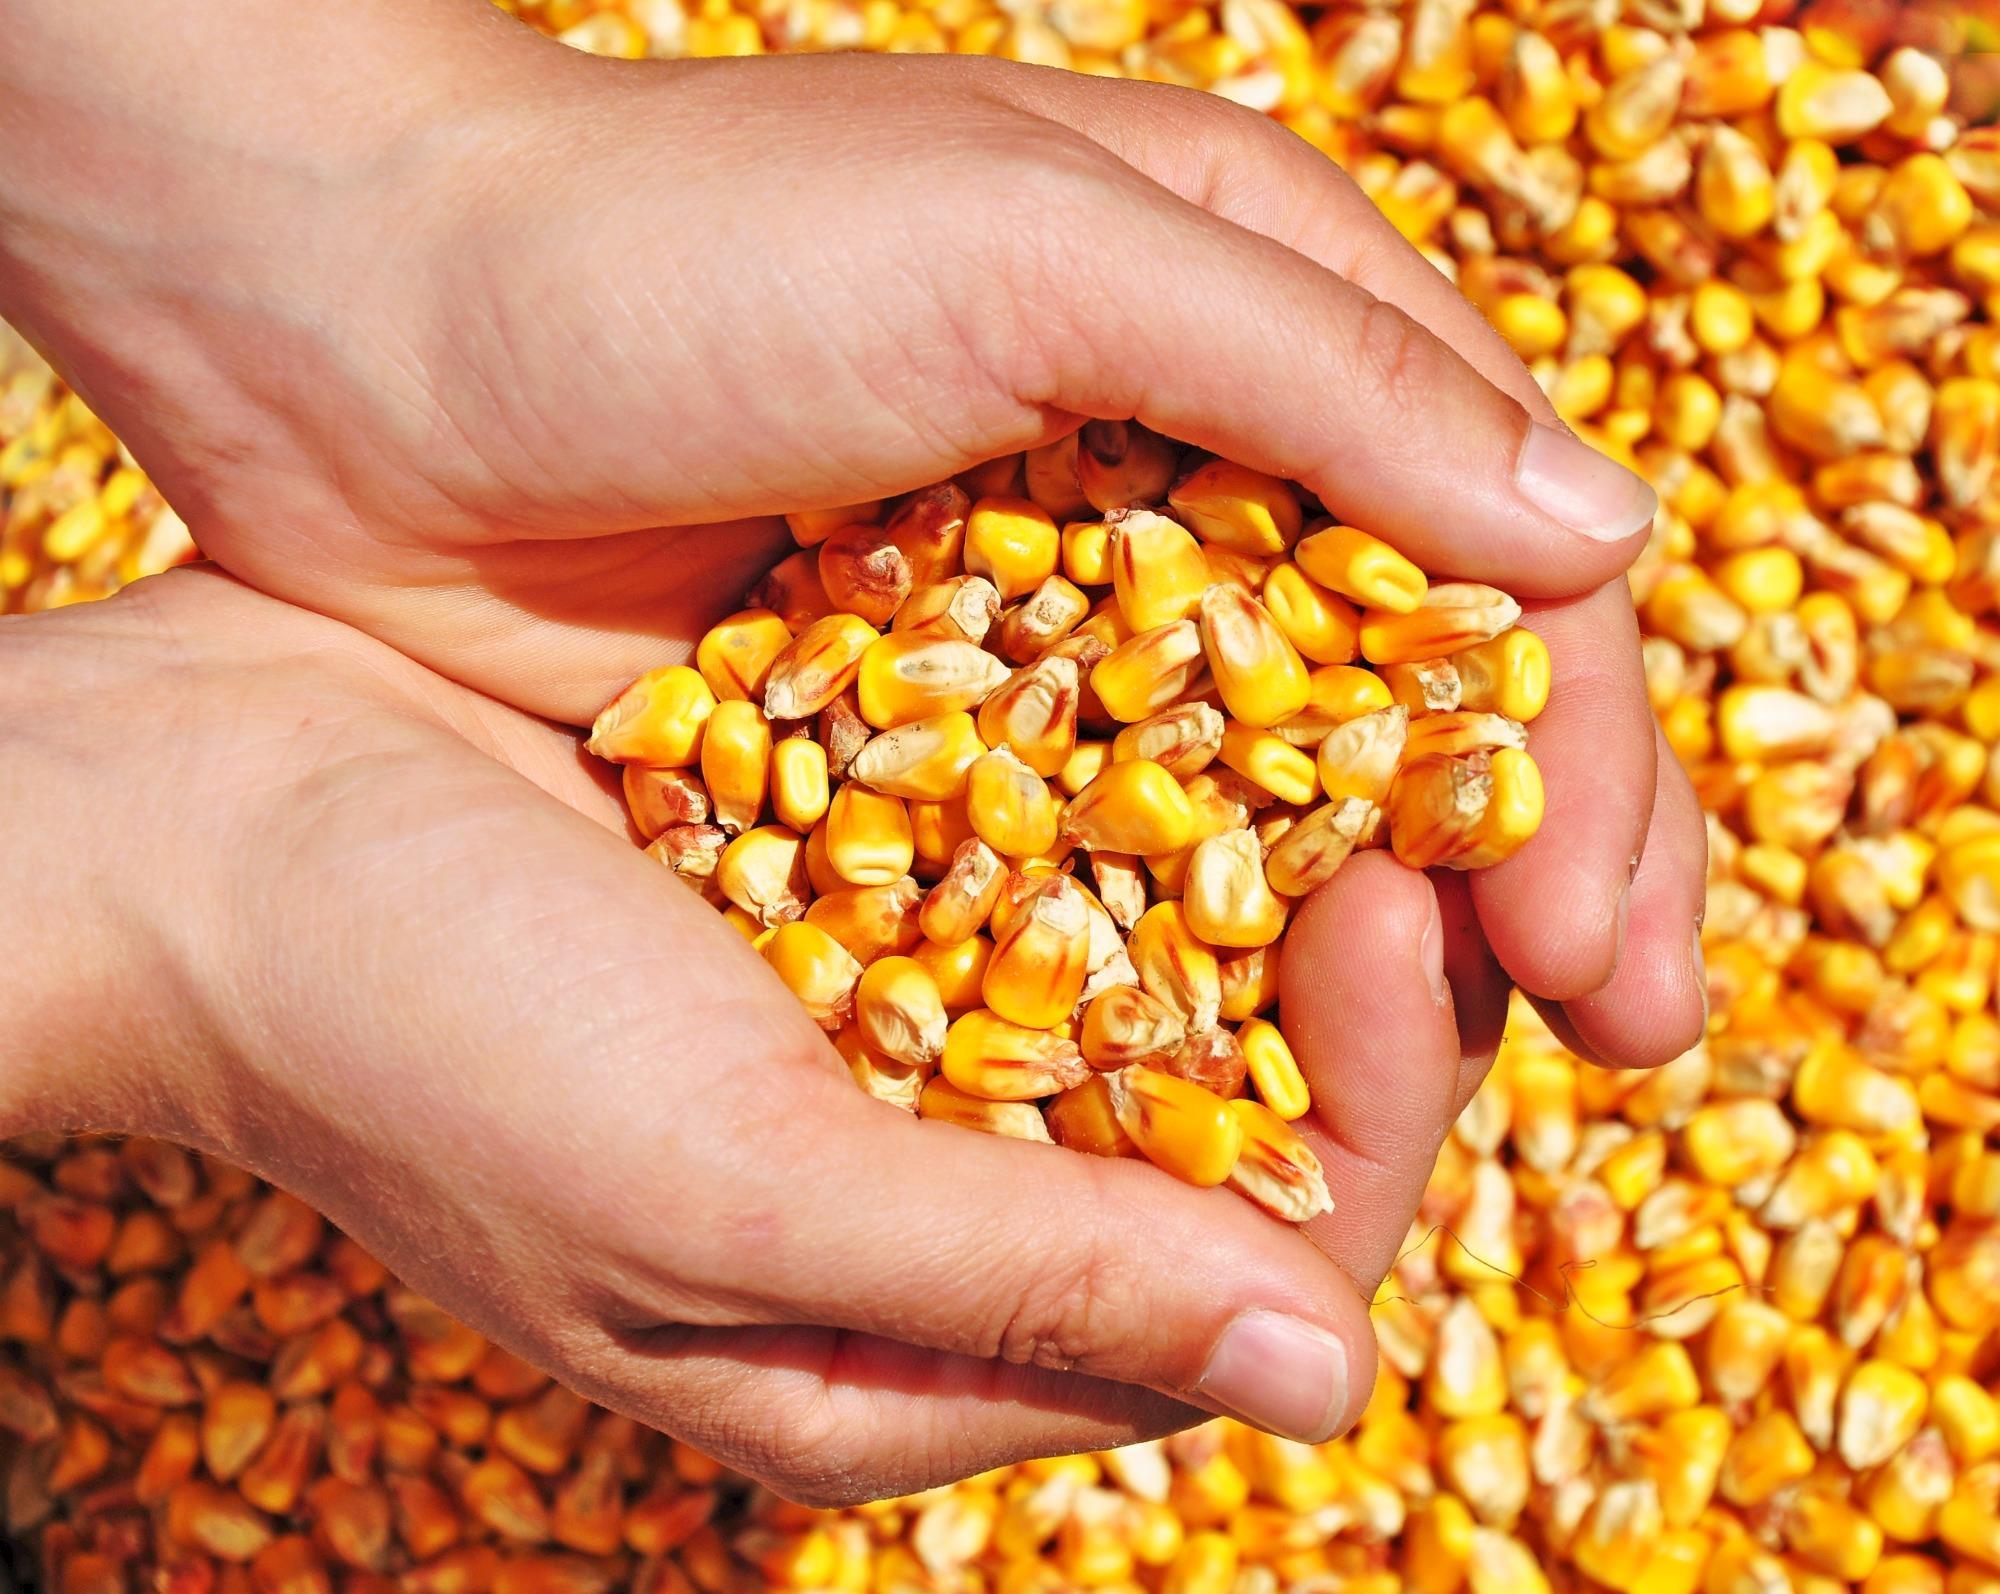 Contratos futuros de milho, precificação regional e gestão de riscos